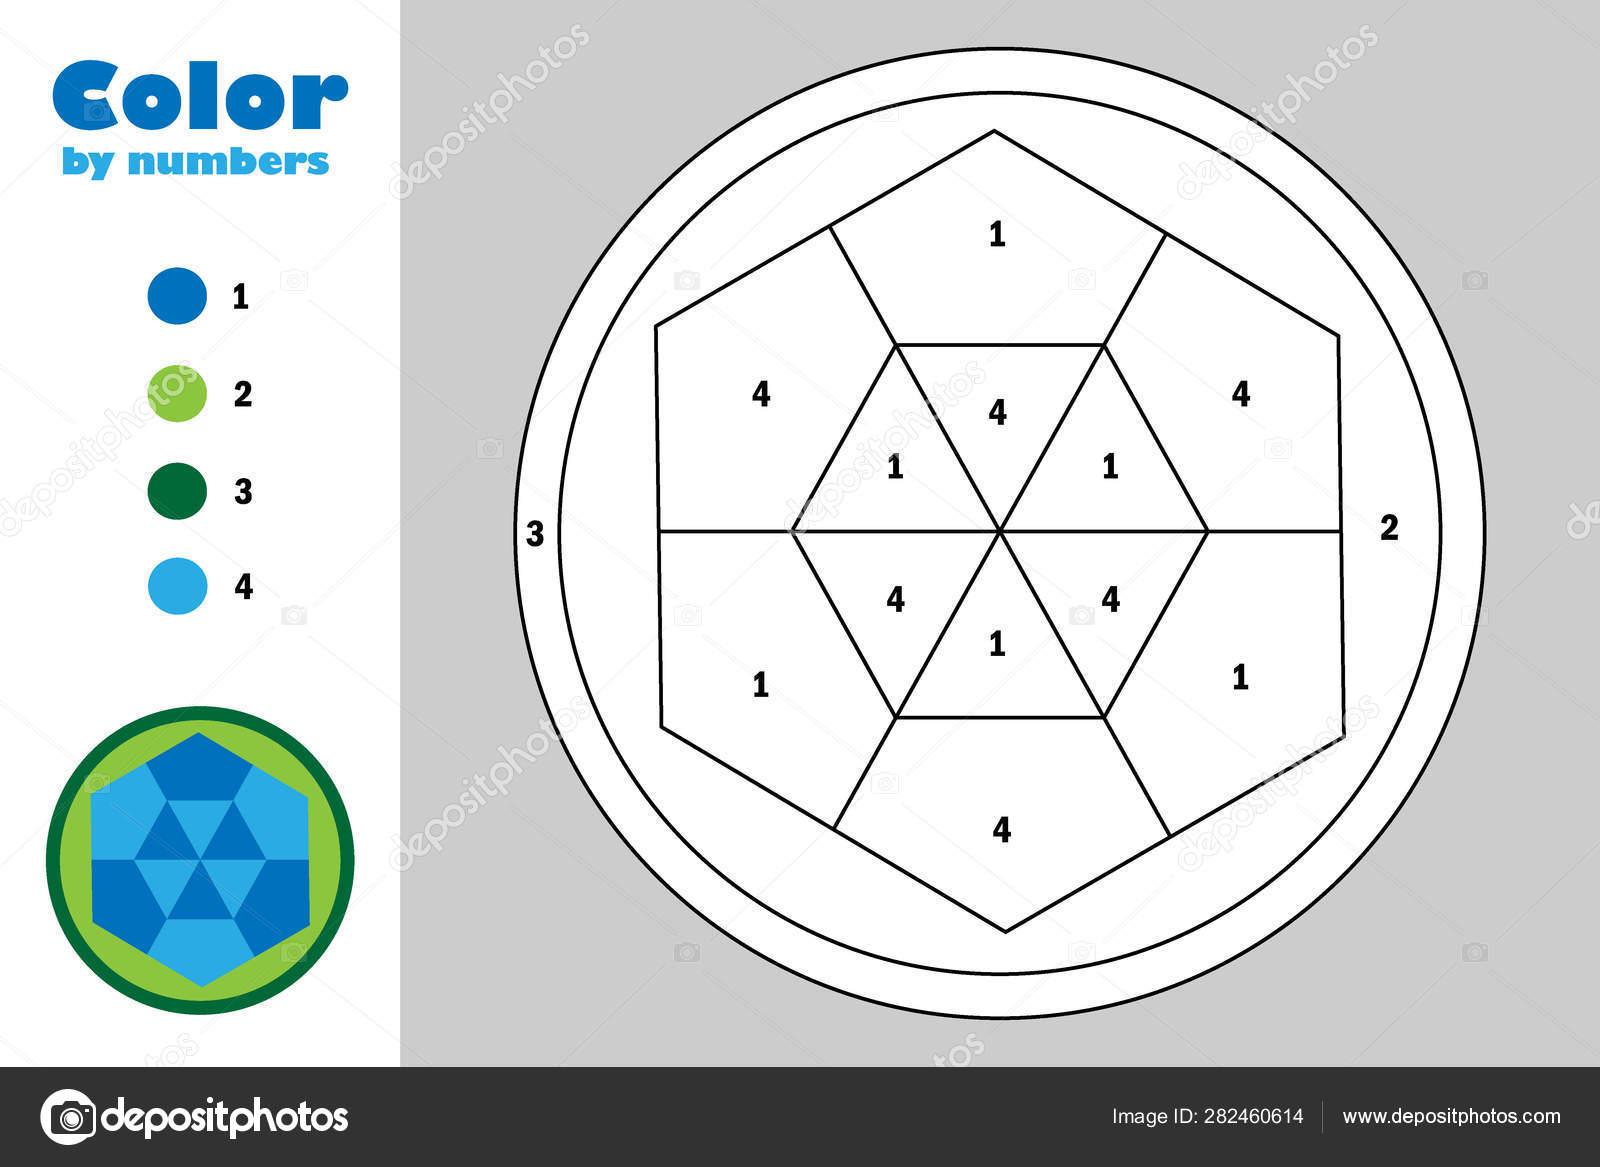 Mandala En Estilo De Dibujos Animados Color Por Número